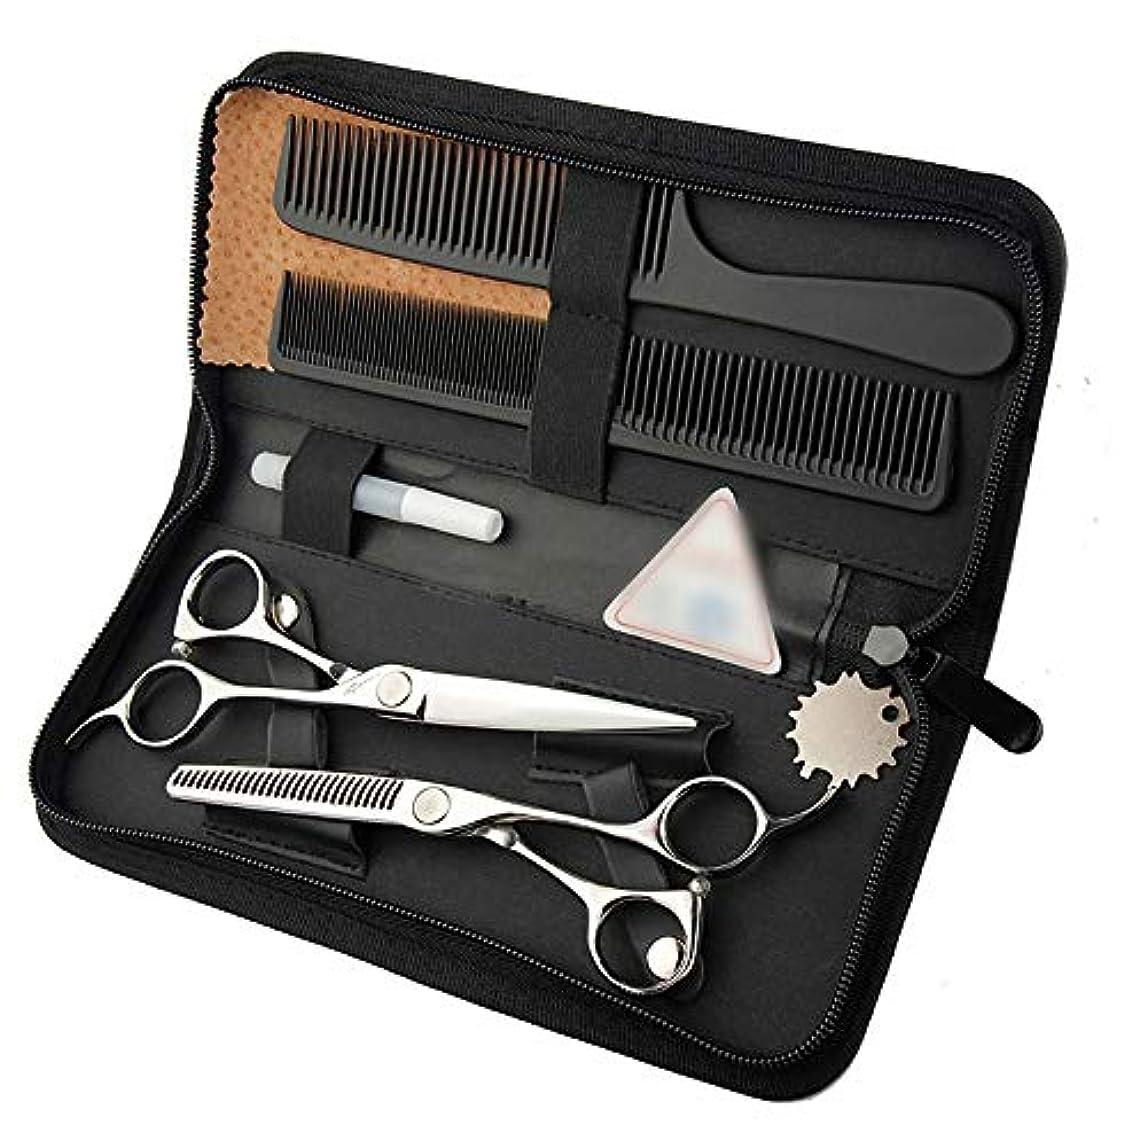 直接北米衣類6インチ美容院プロのヘアカットセット、ビッグサムライカットフラット+歯シザーセット モデリングツール (色 : Silver)